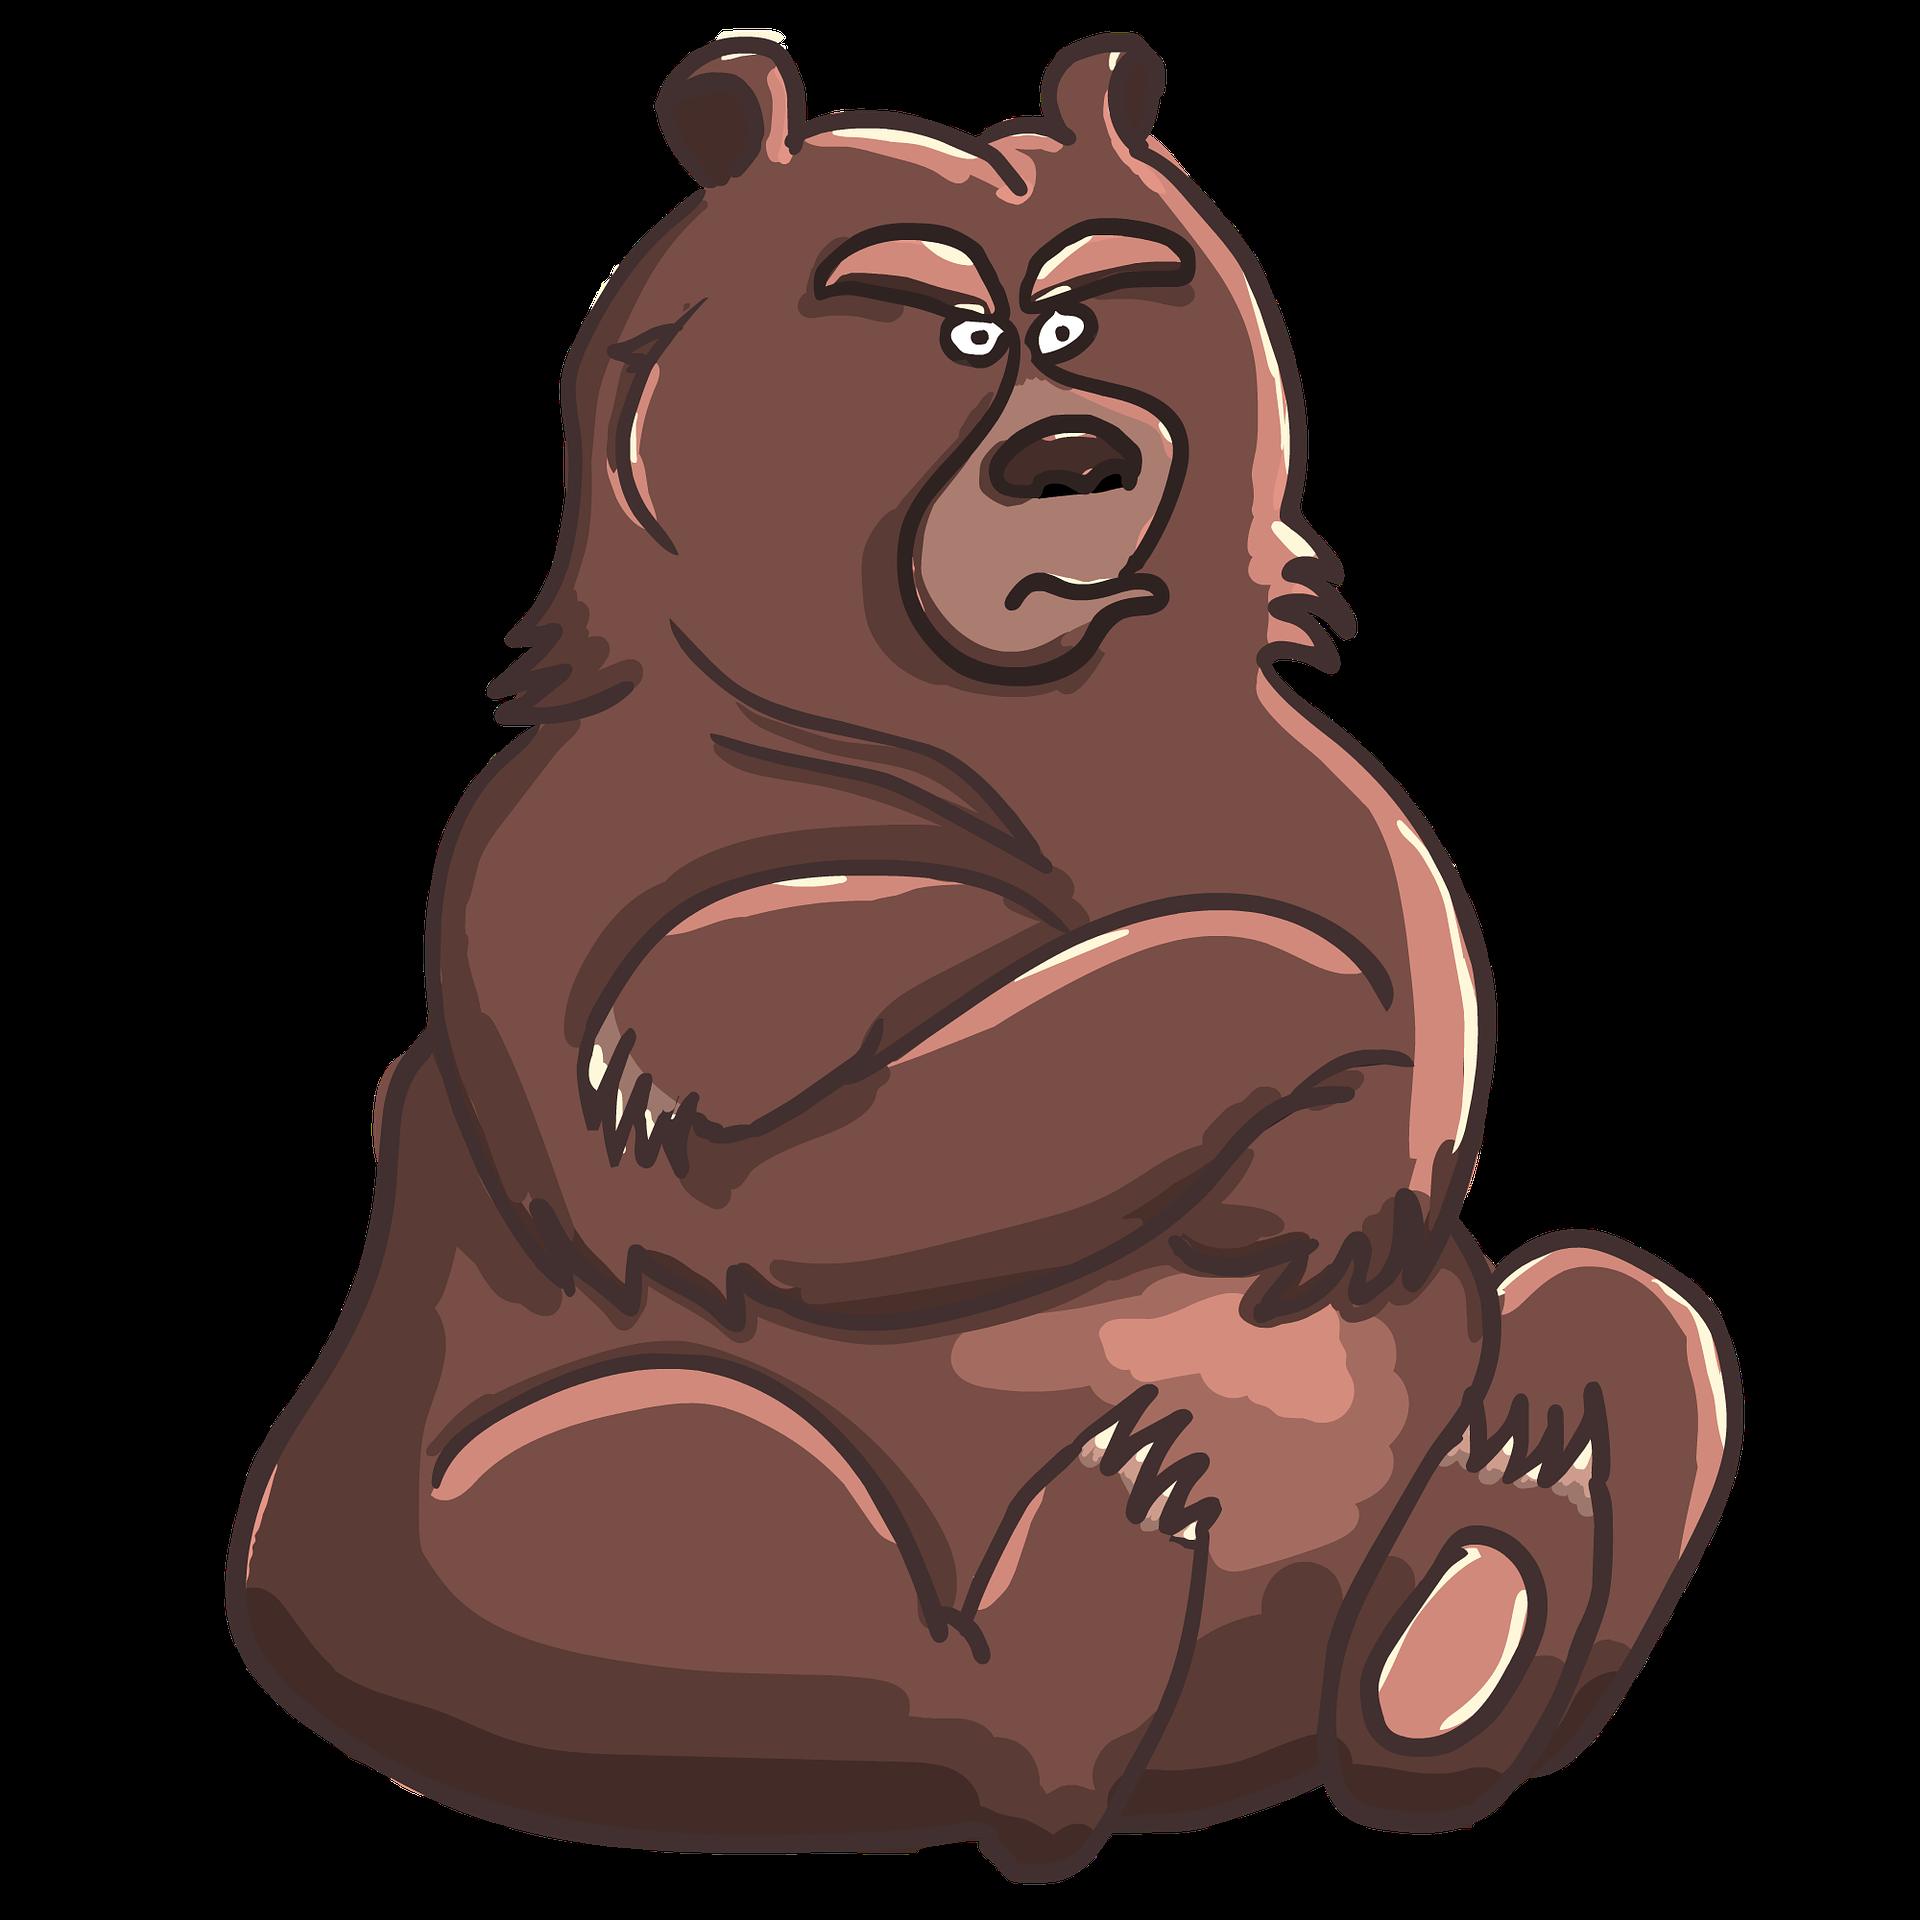 bear-2051844_1920